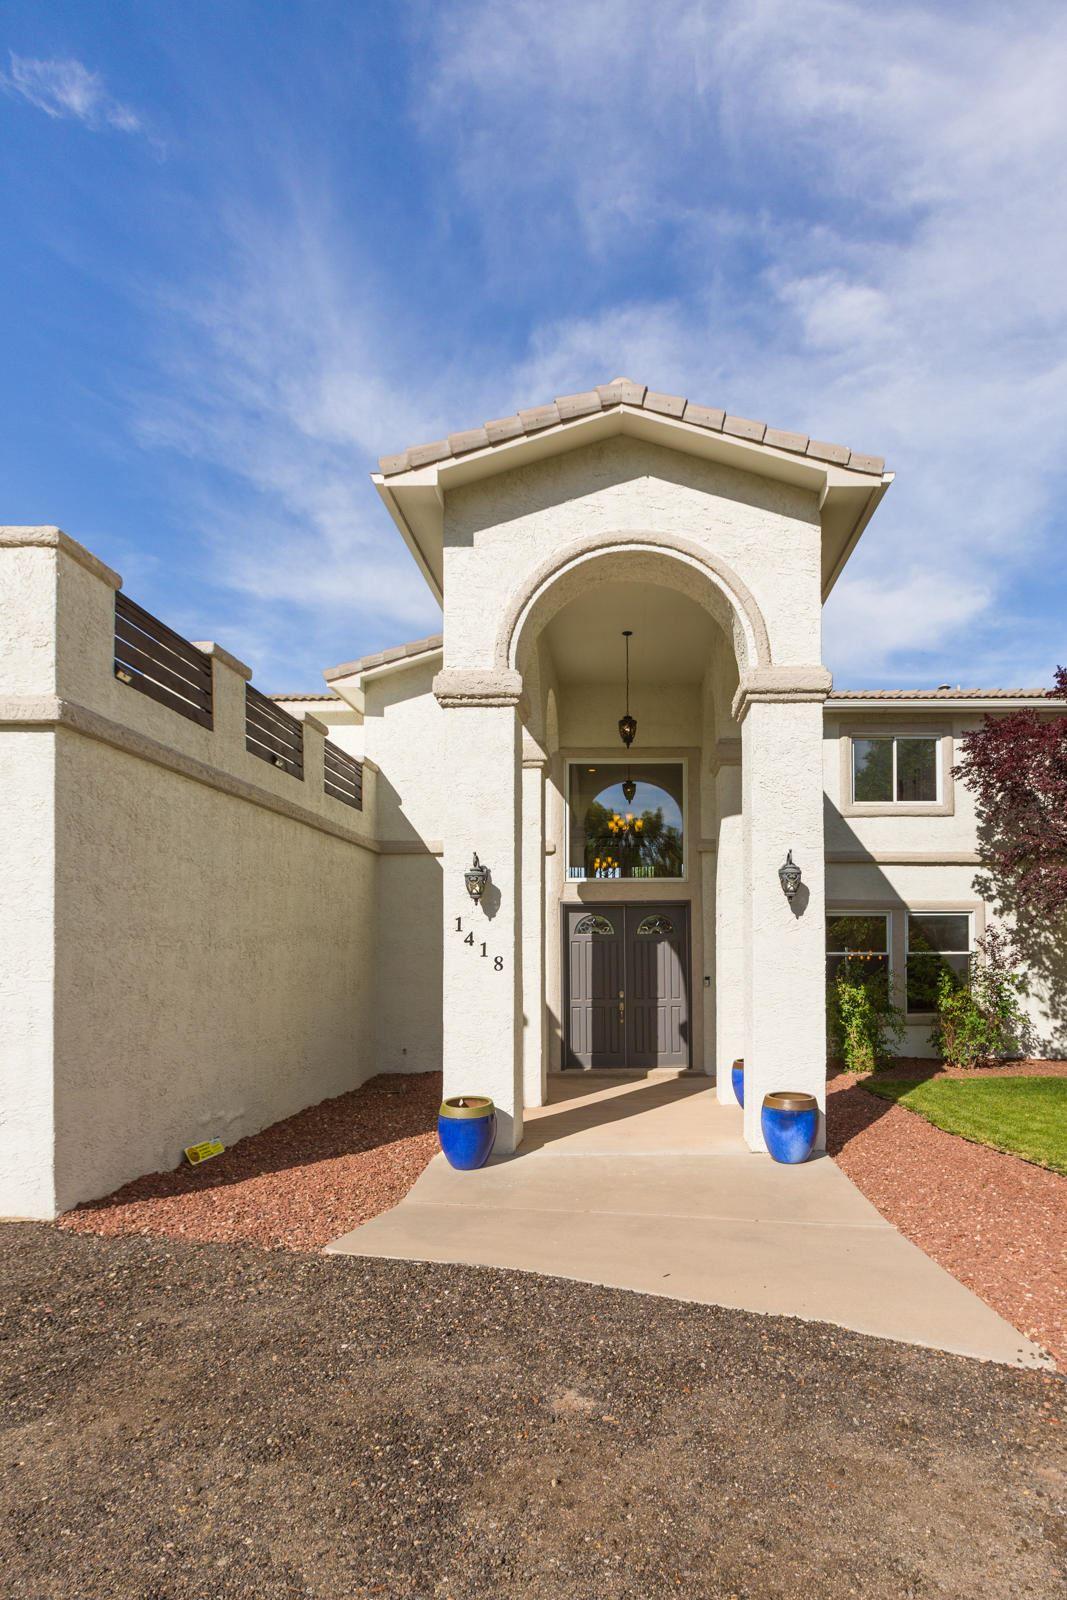 Photo of 1418 BONITO SUENOS Court NW, Los Ranchos, NM 87107 (MLS # 968454)